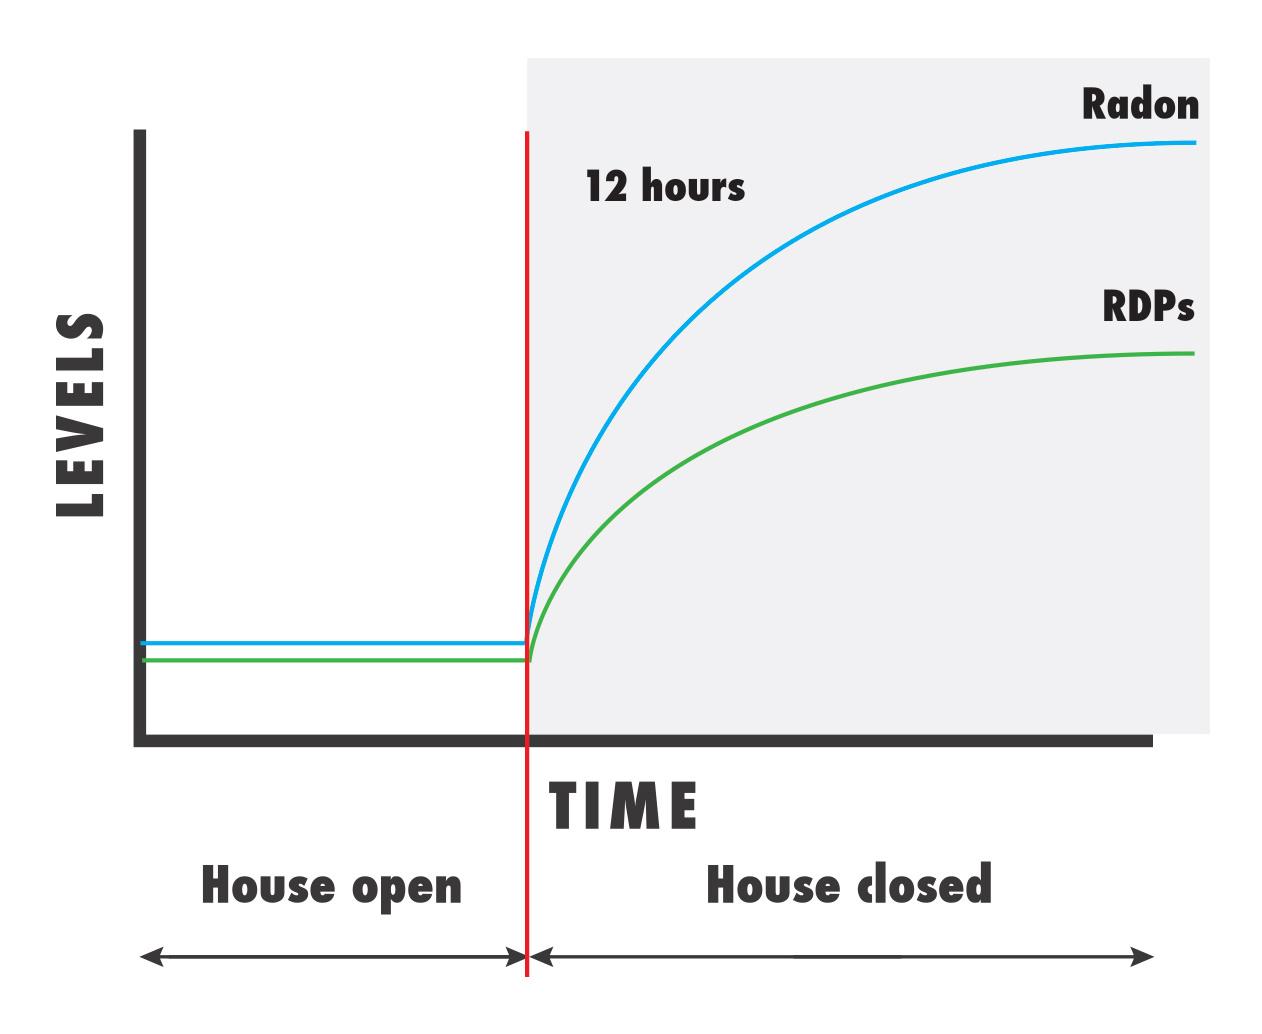 Radon levels time graph.